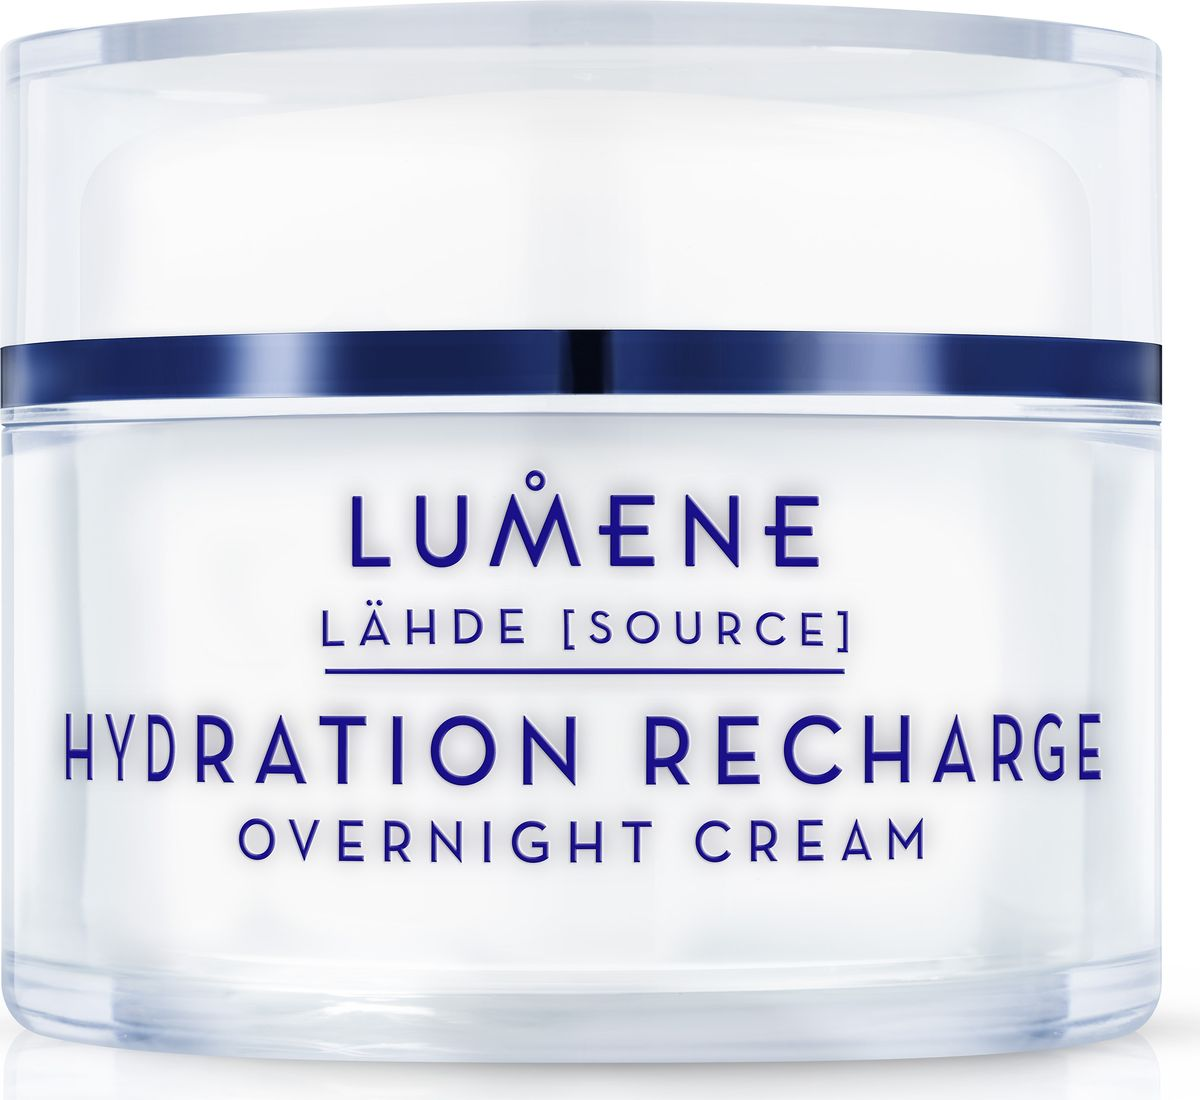 Lumene Lahde Ночной увлажняющий восстанавливающий крем, 50 млСМ965Помогает обеспечить эффективное питание кожи в течение ночи. Возвращает естественное сияние кожи, пока вы спите.